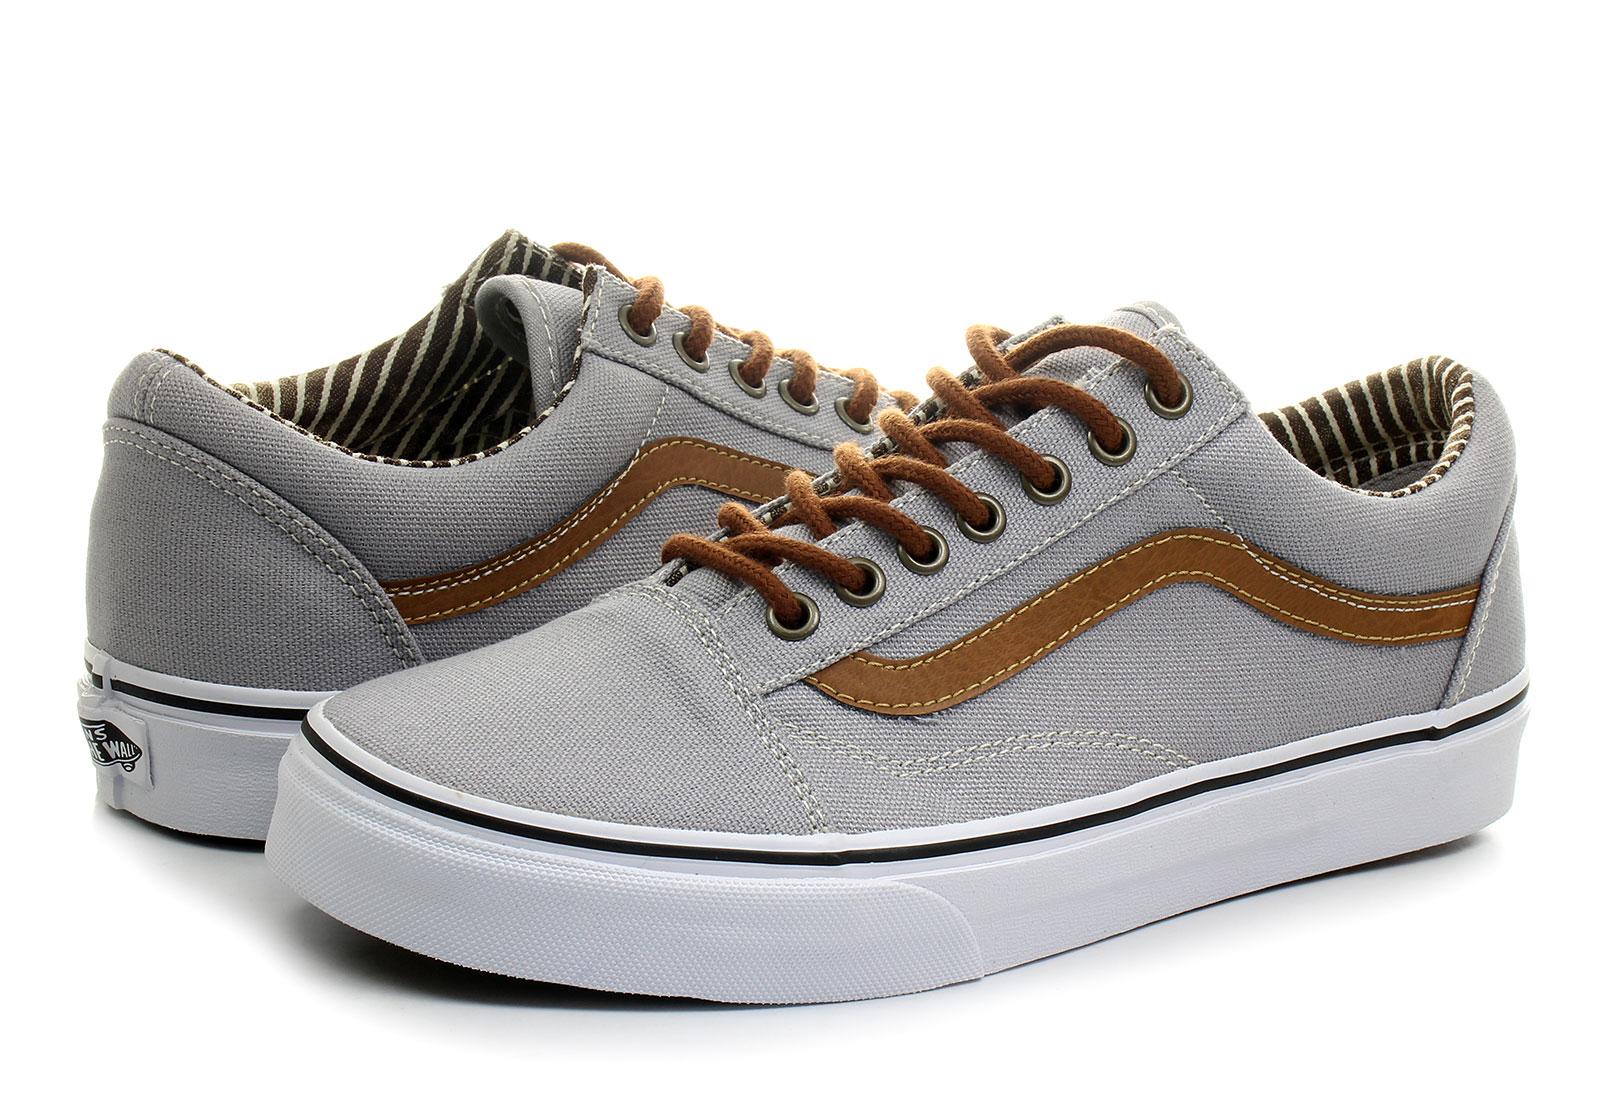 vans sneakers old skool v3z6ia7 online shop for. Black Bedroom Furniture Sets. Home Design Ideas